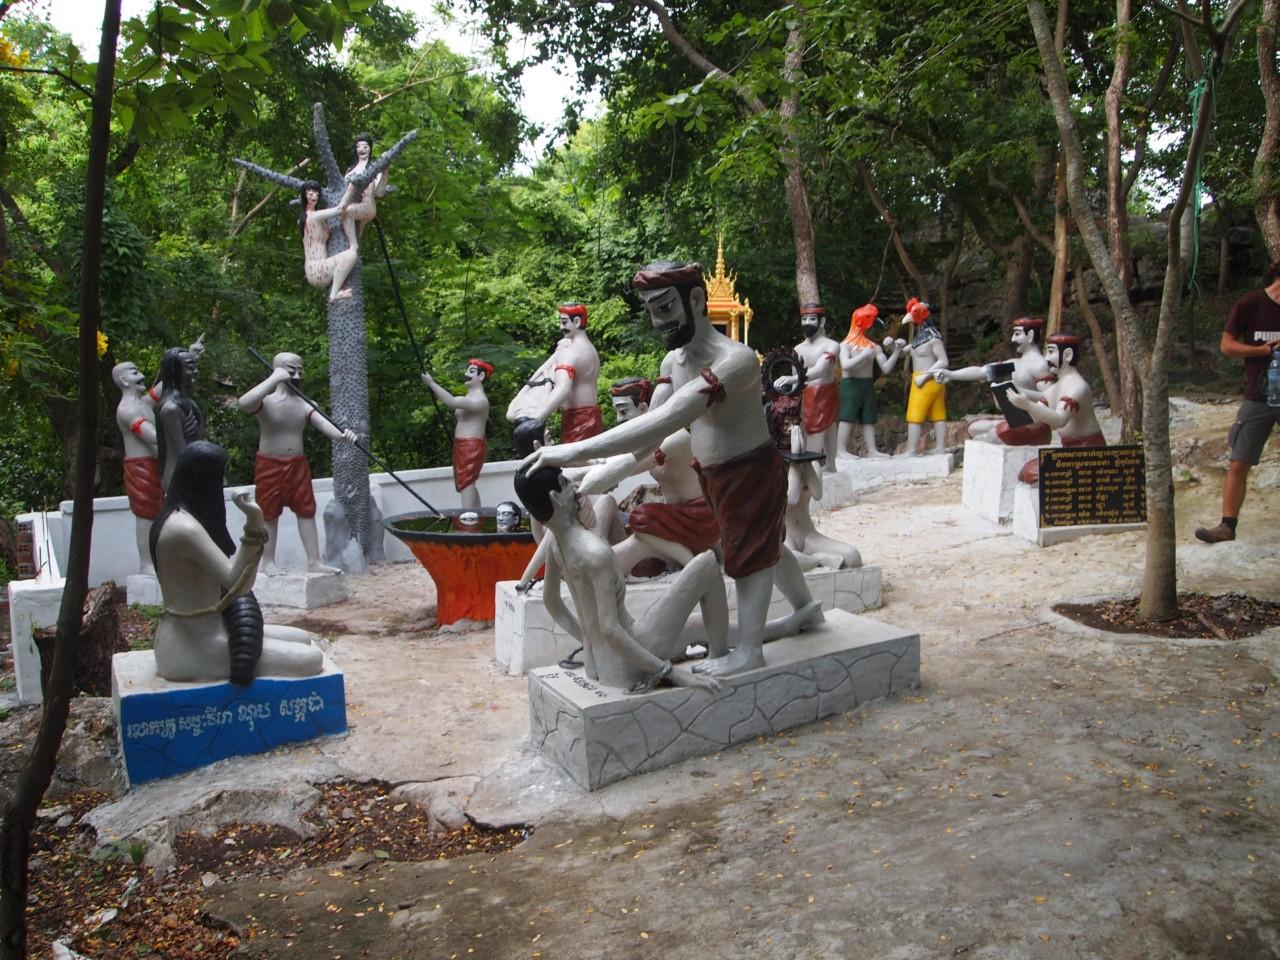 Darstellung der Hölle. Angeblich wurden diese Abbildungen kopiert und von der Darstellung der roten Khmer entfremdet.